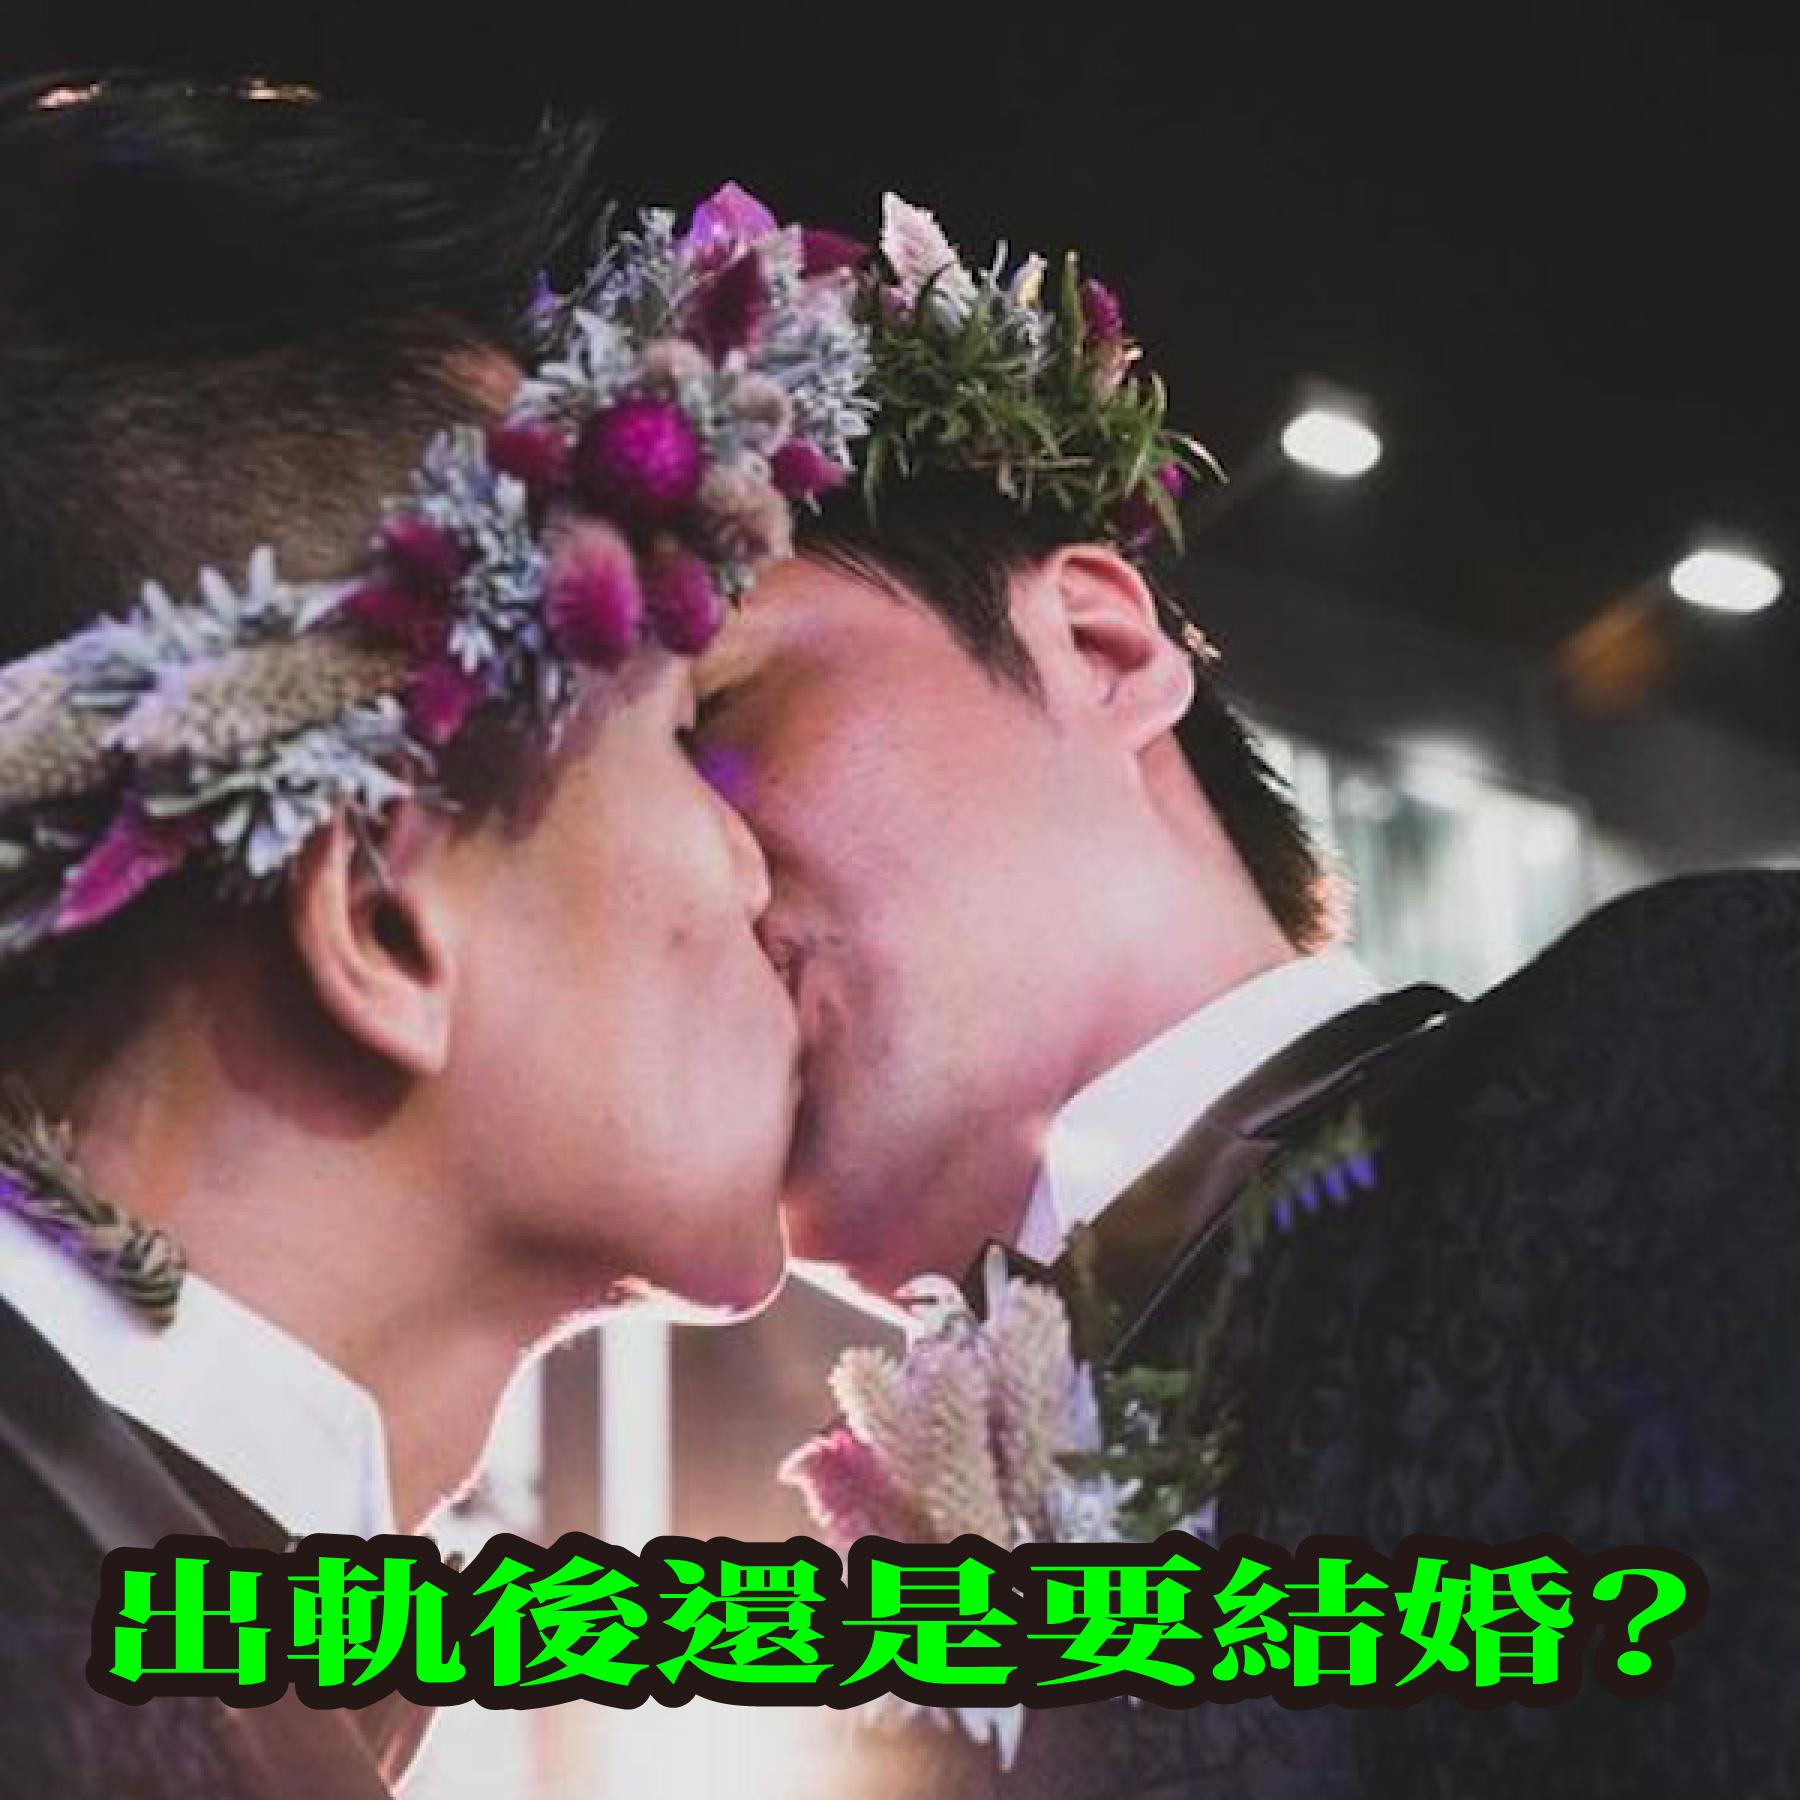 抬槓 | #15 | 出軌後還是要結婚?同志也能愛情長跑? ft. 小巴、阿威|Σ>―(〃°ω°〃)♡→